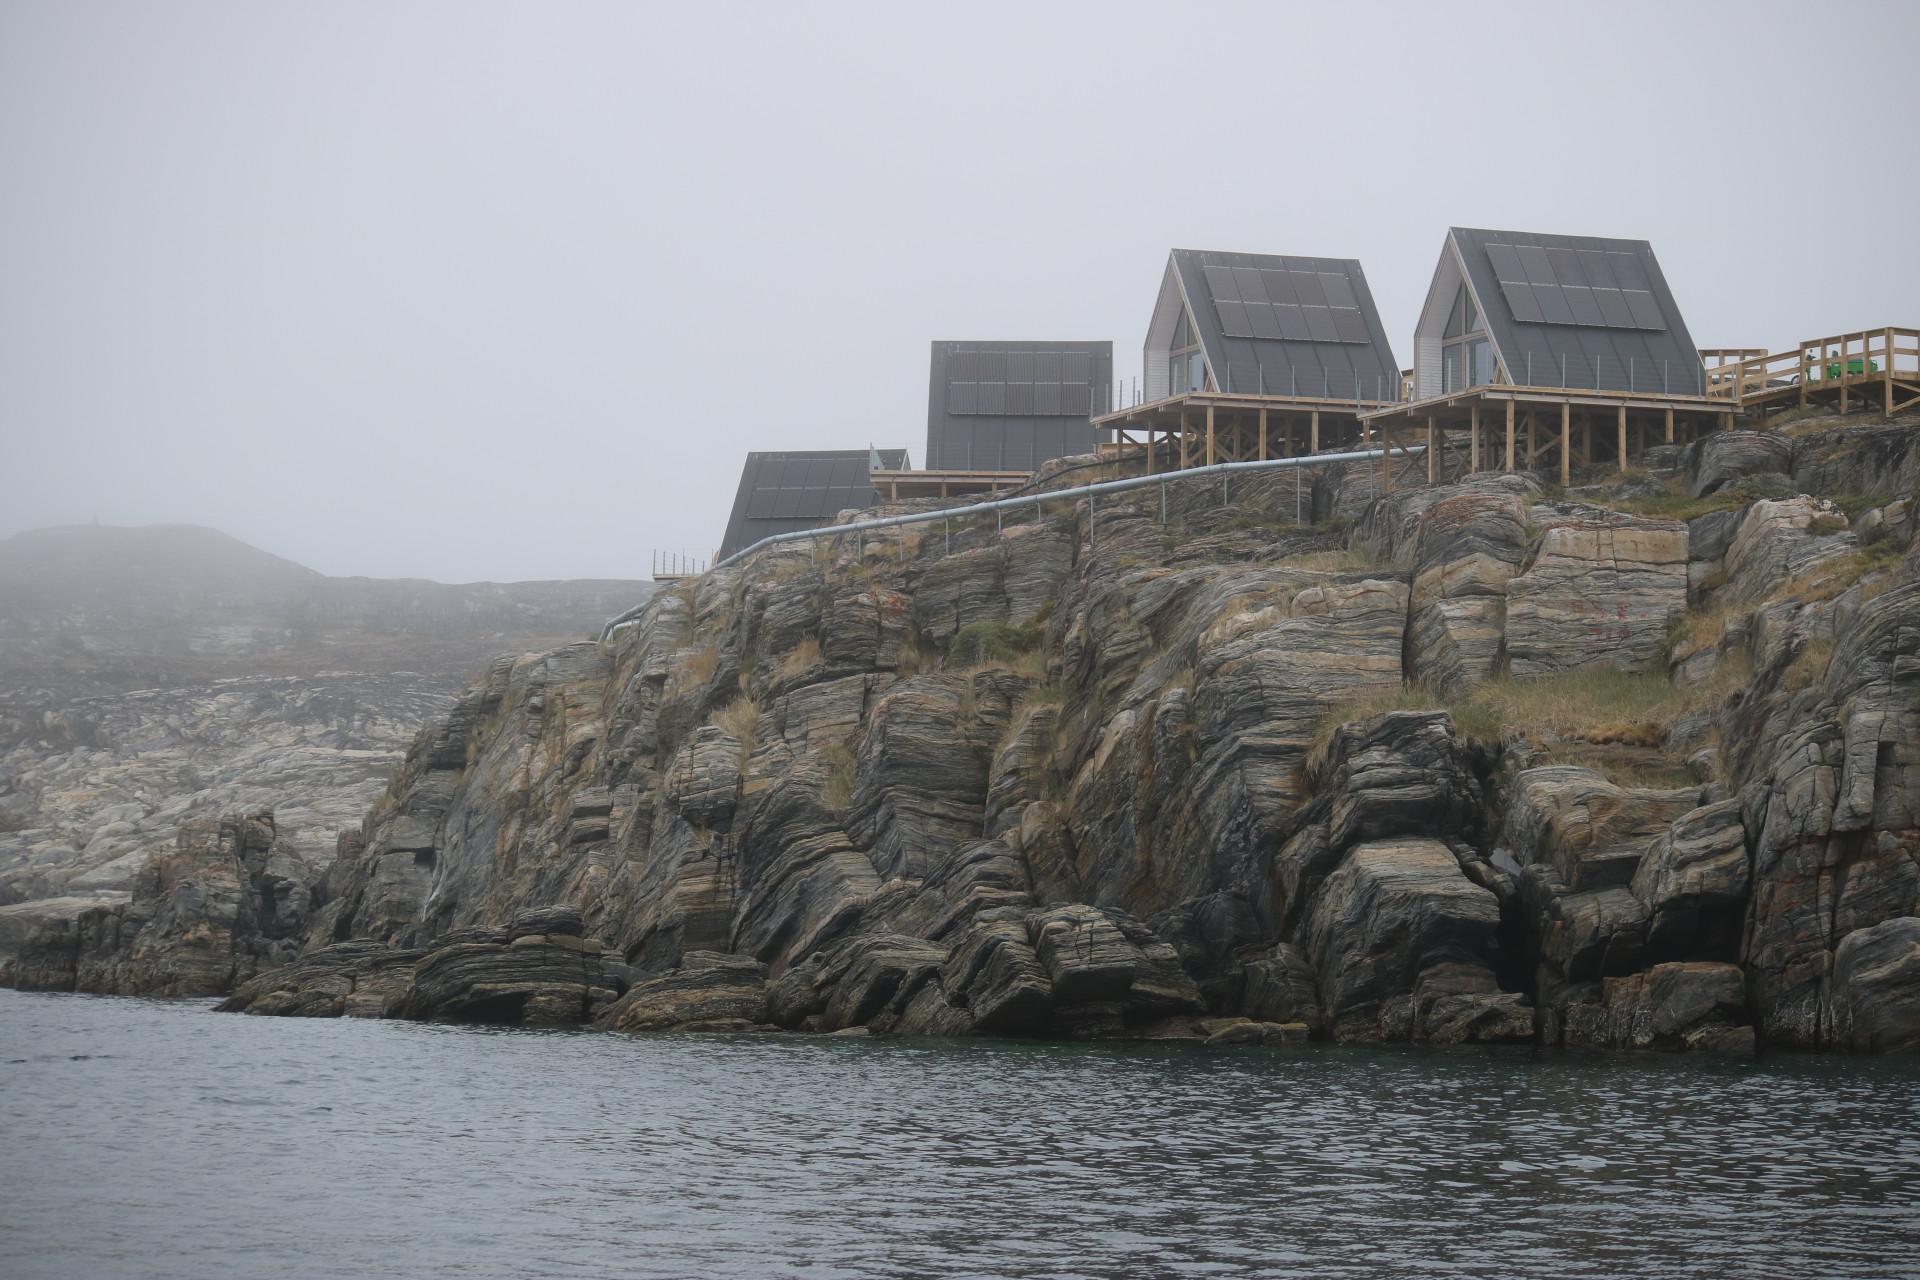 Hus på pålar på dimmiga klippor i Grönland. Foto: Nordiska museet